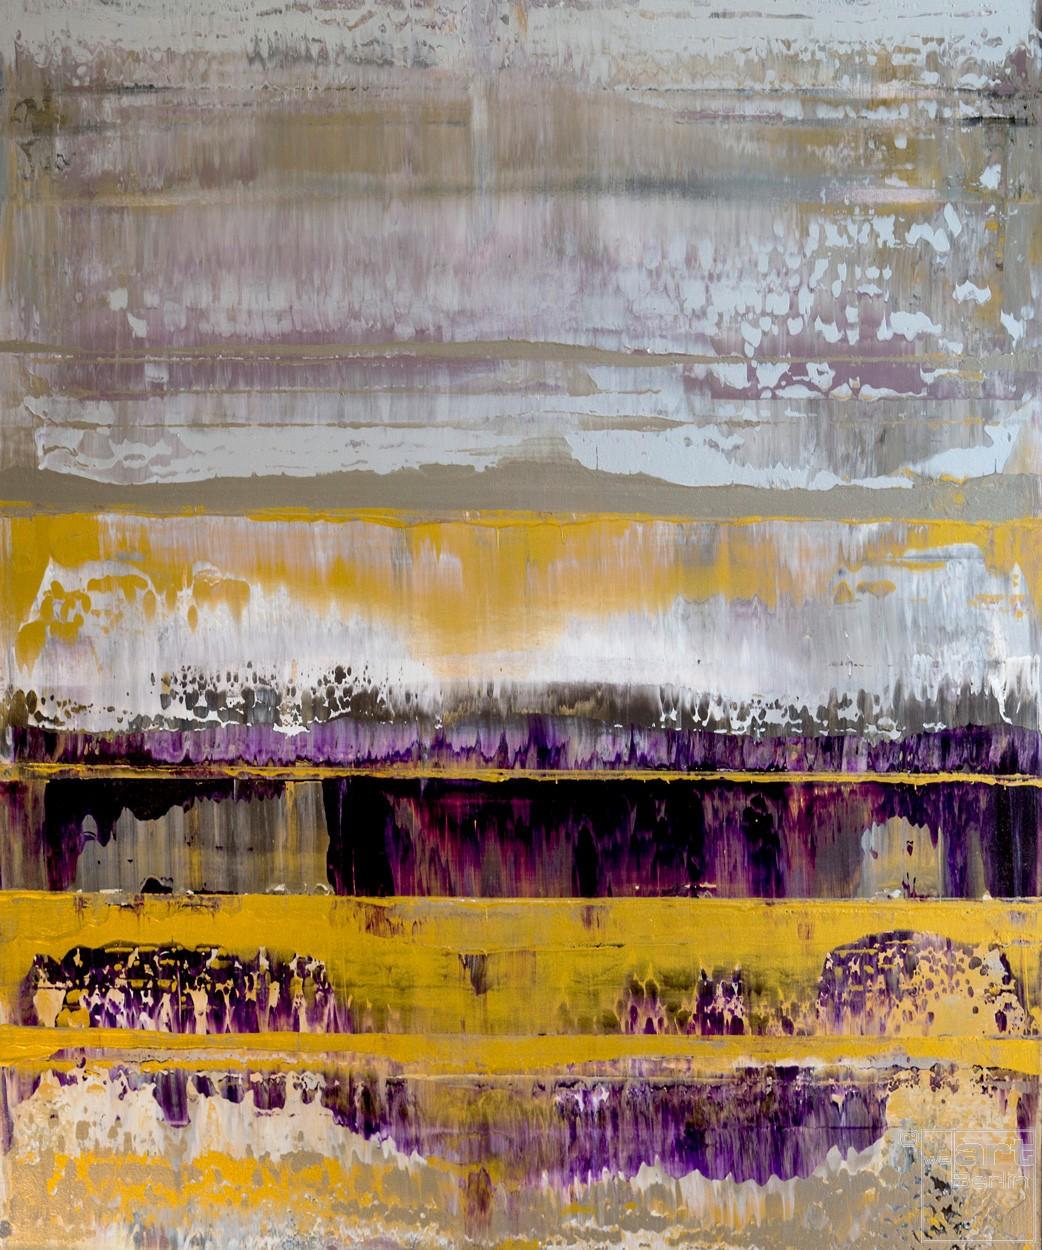 Prisma 10 - Schaumiger Amethyst | Malerei von Lali Torma | Acryl auf Leinwand